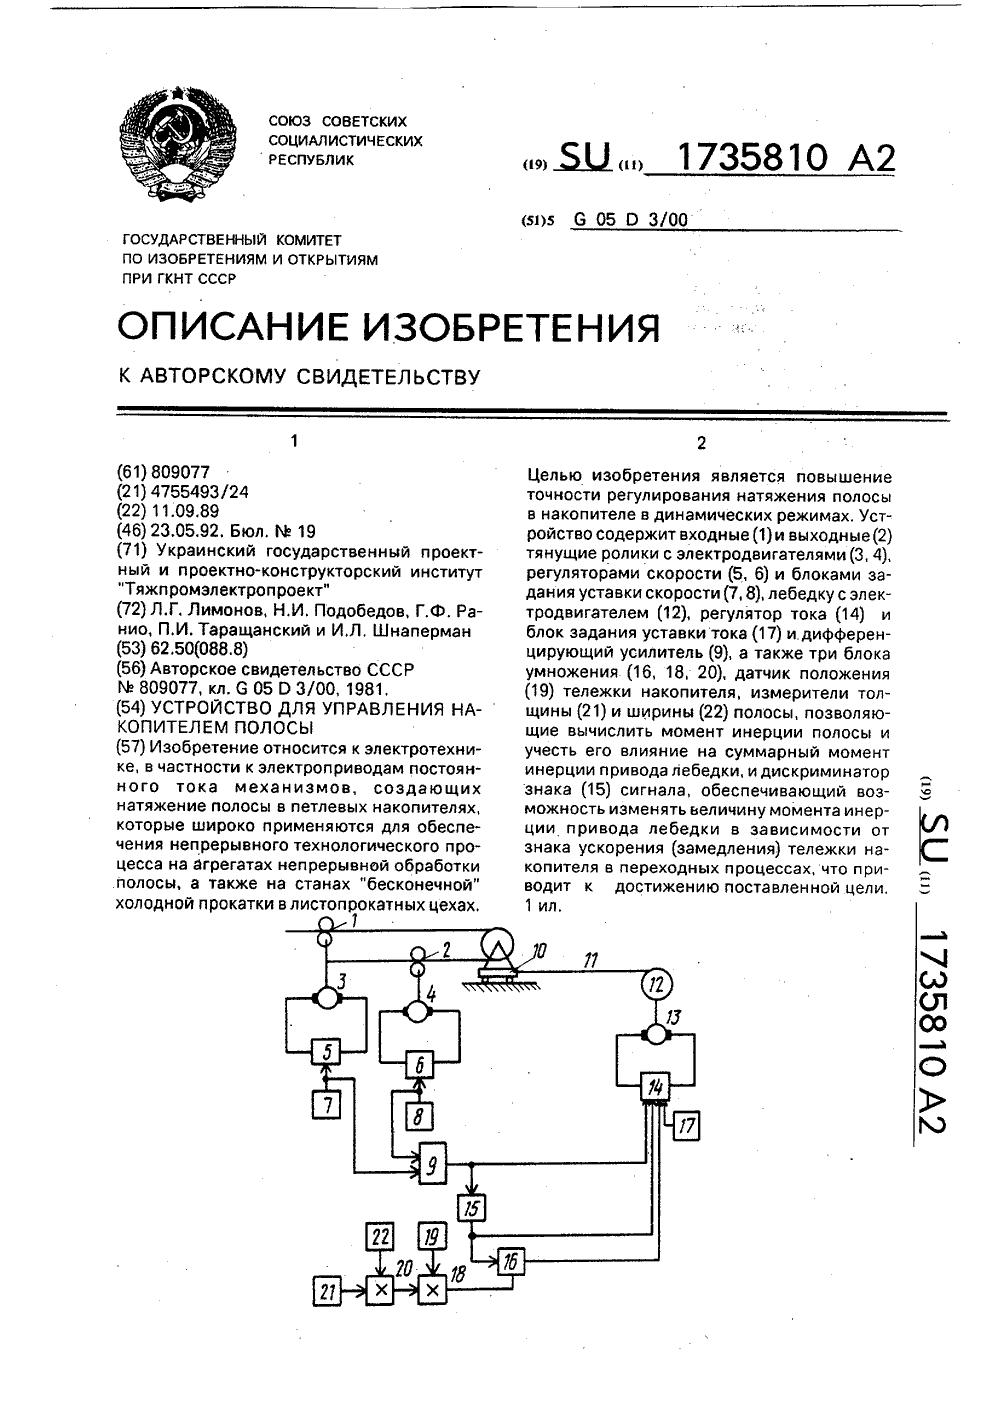 трехфазная схема выпрямления (мост илларионова)